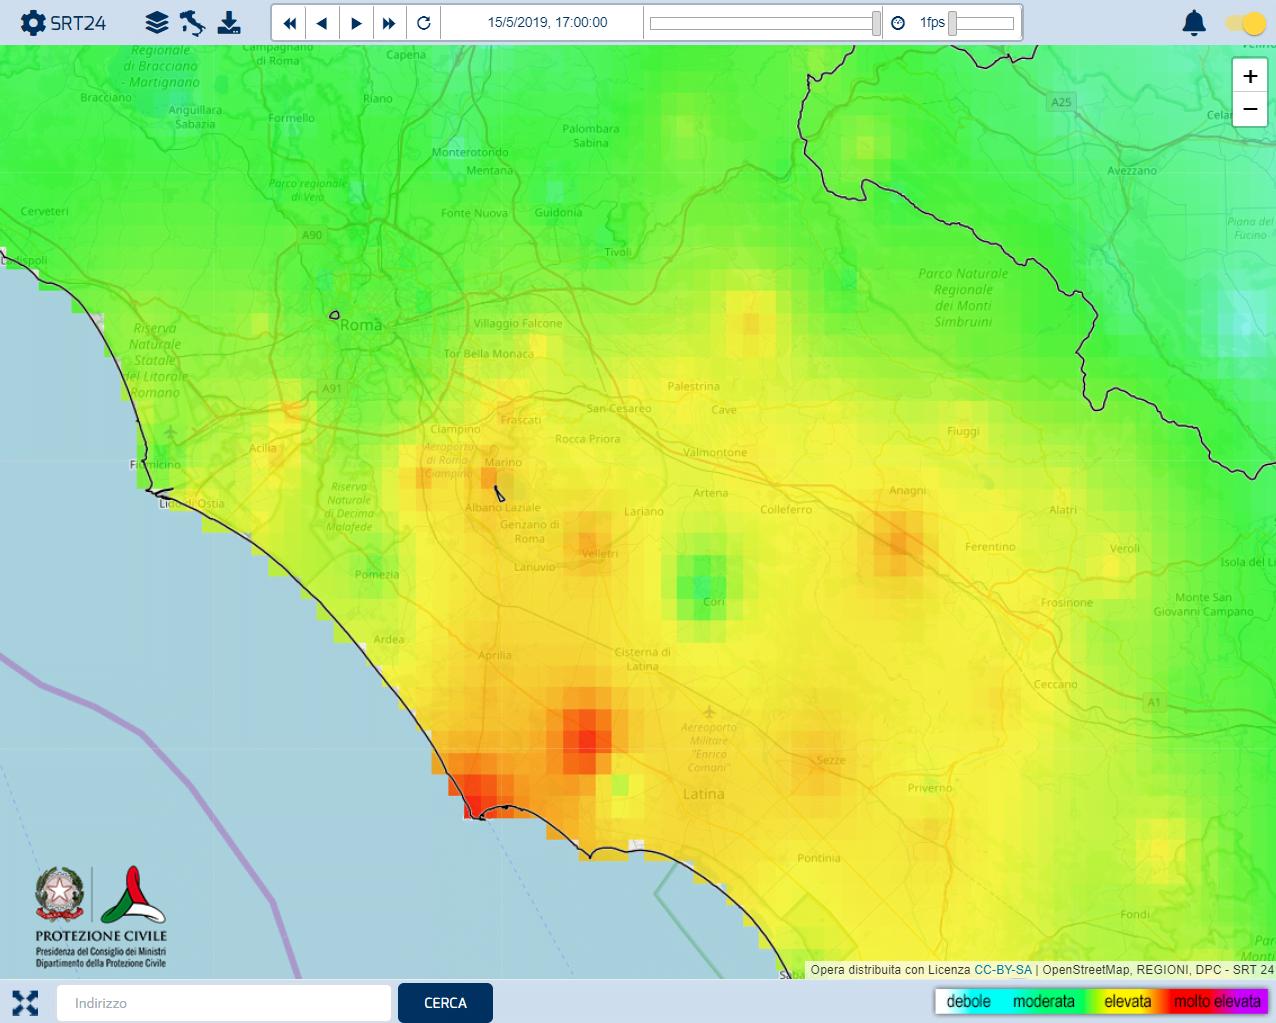 Le precipitazioni delle ultime 24 ore riportate dal Radar DPC